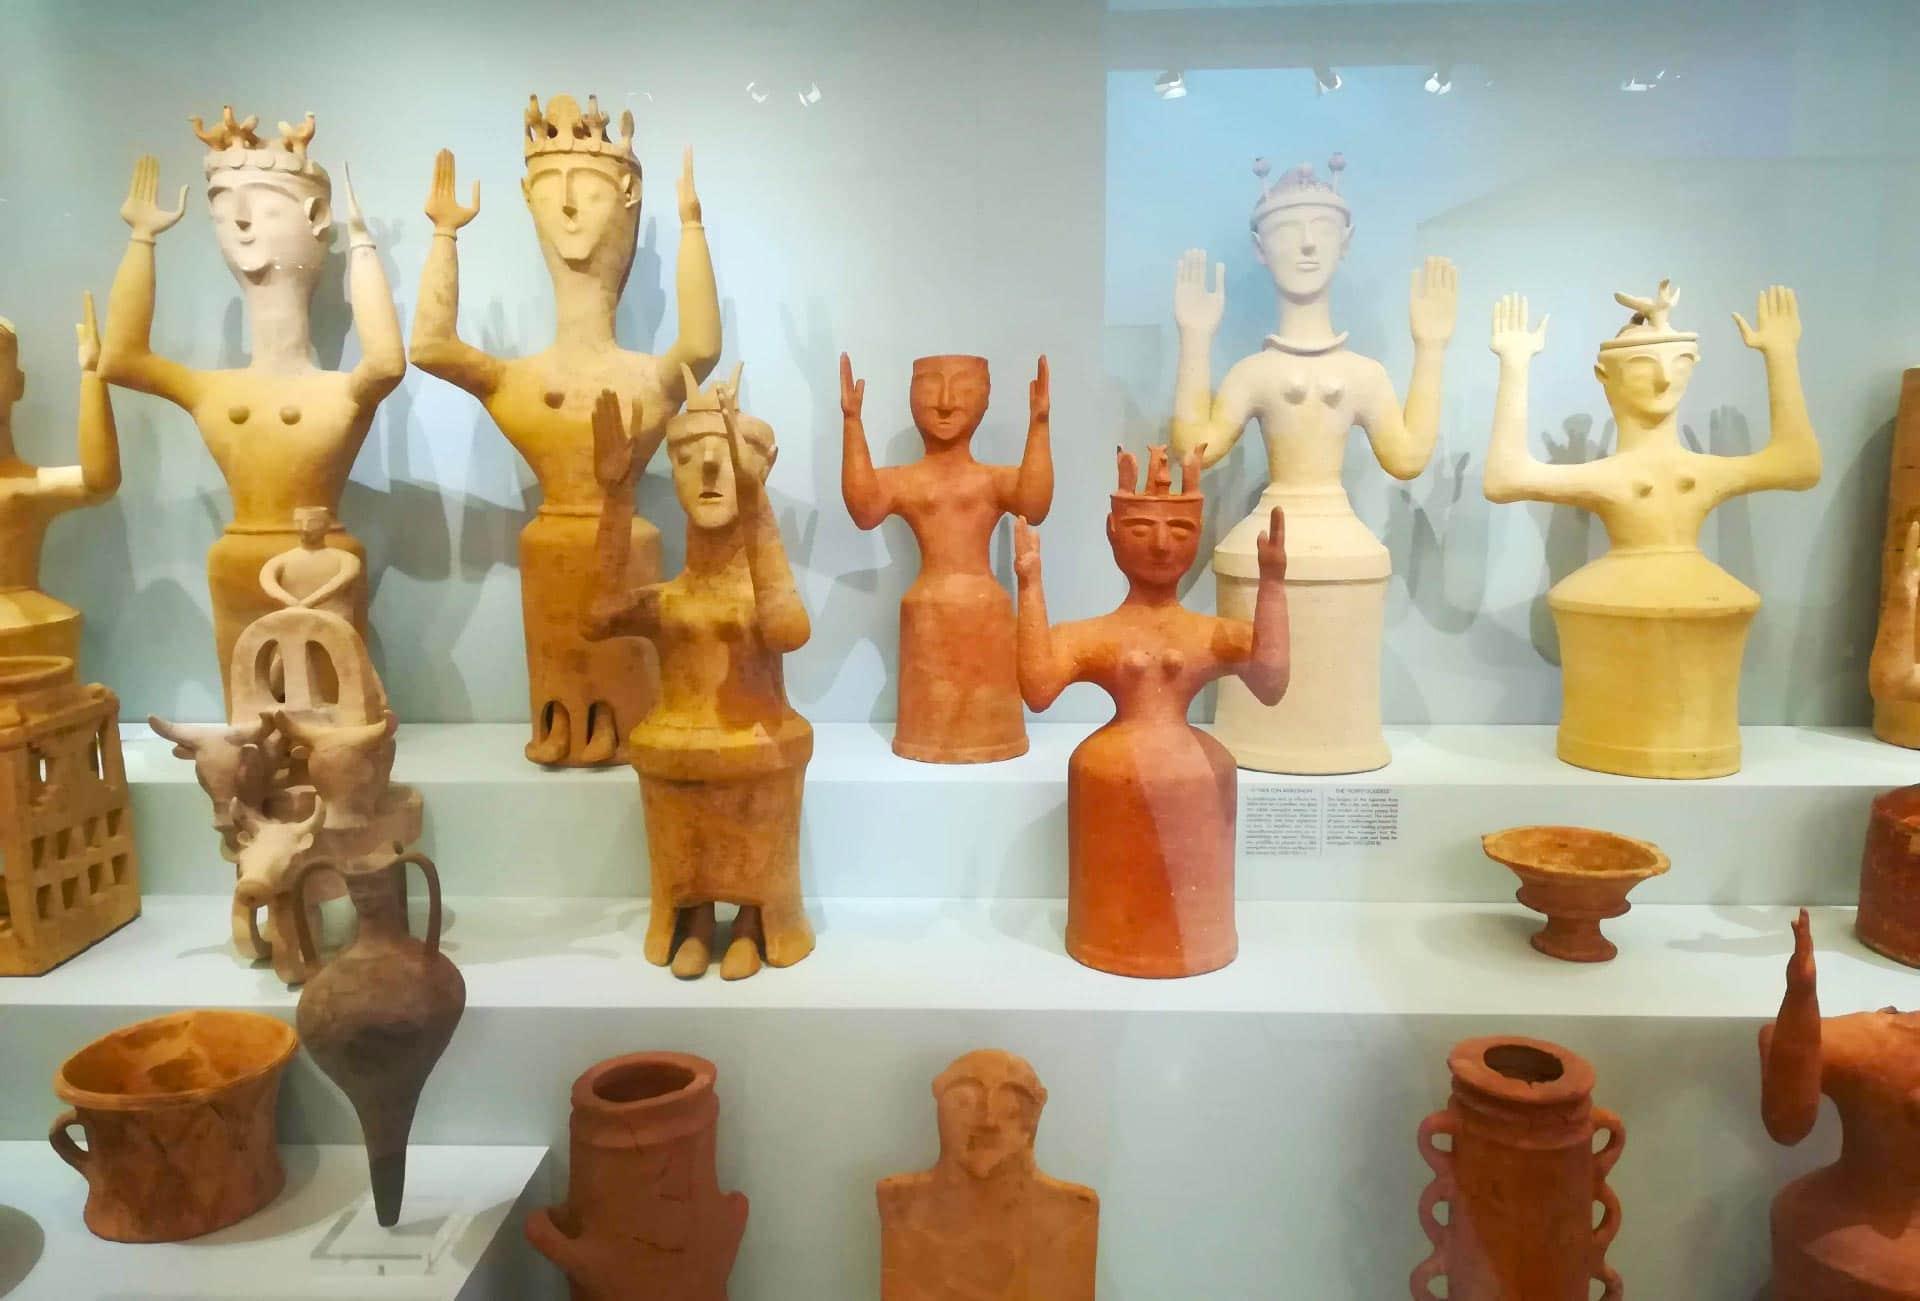 statuine decorative conservate all'interno del Museo di Heraklion, Creta, Grecia